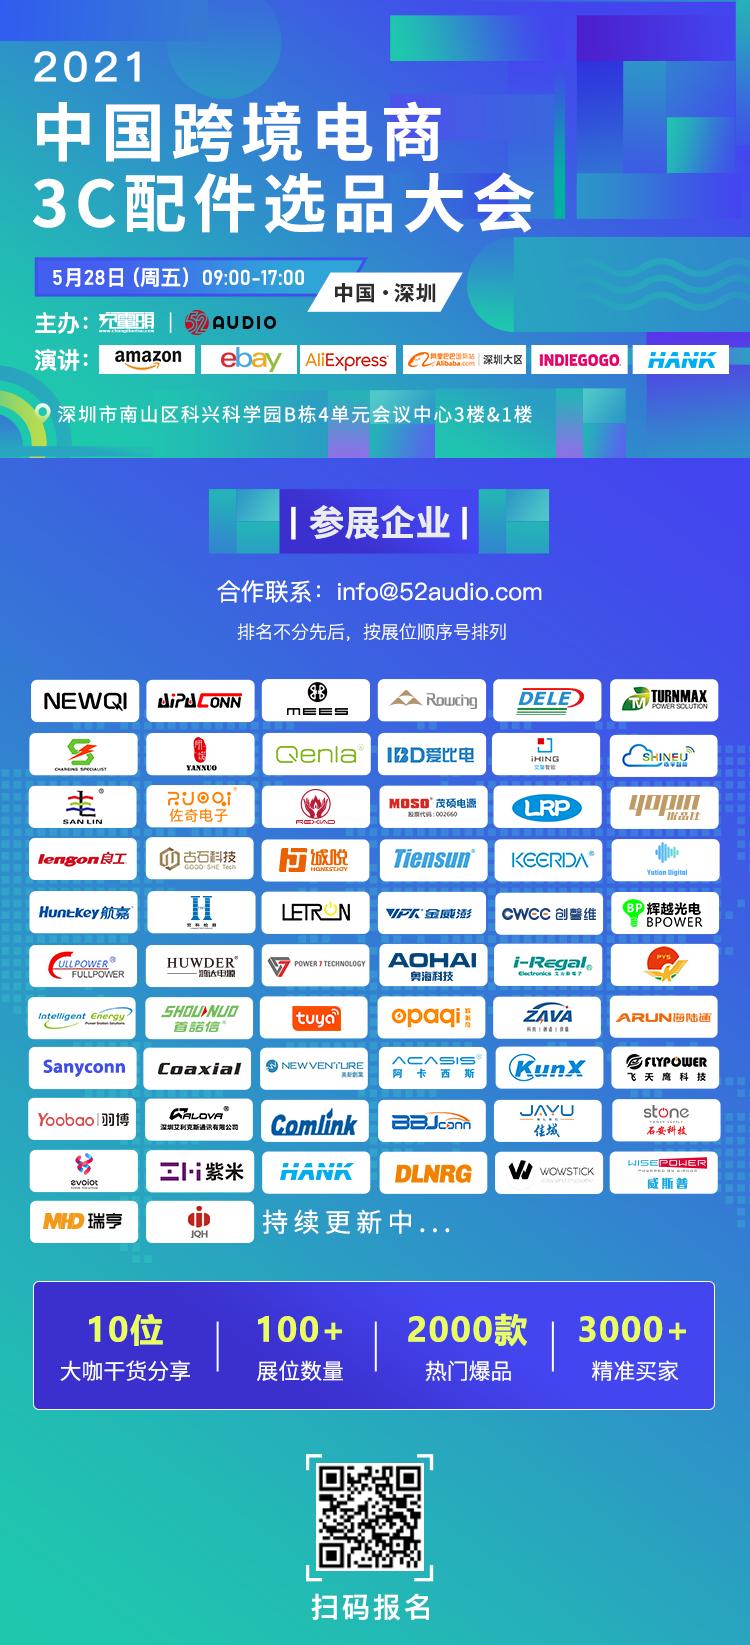 60家优质工厂已上车!2021中国跨境电商3C配件选品大会-我爱音频网